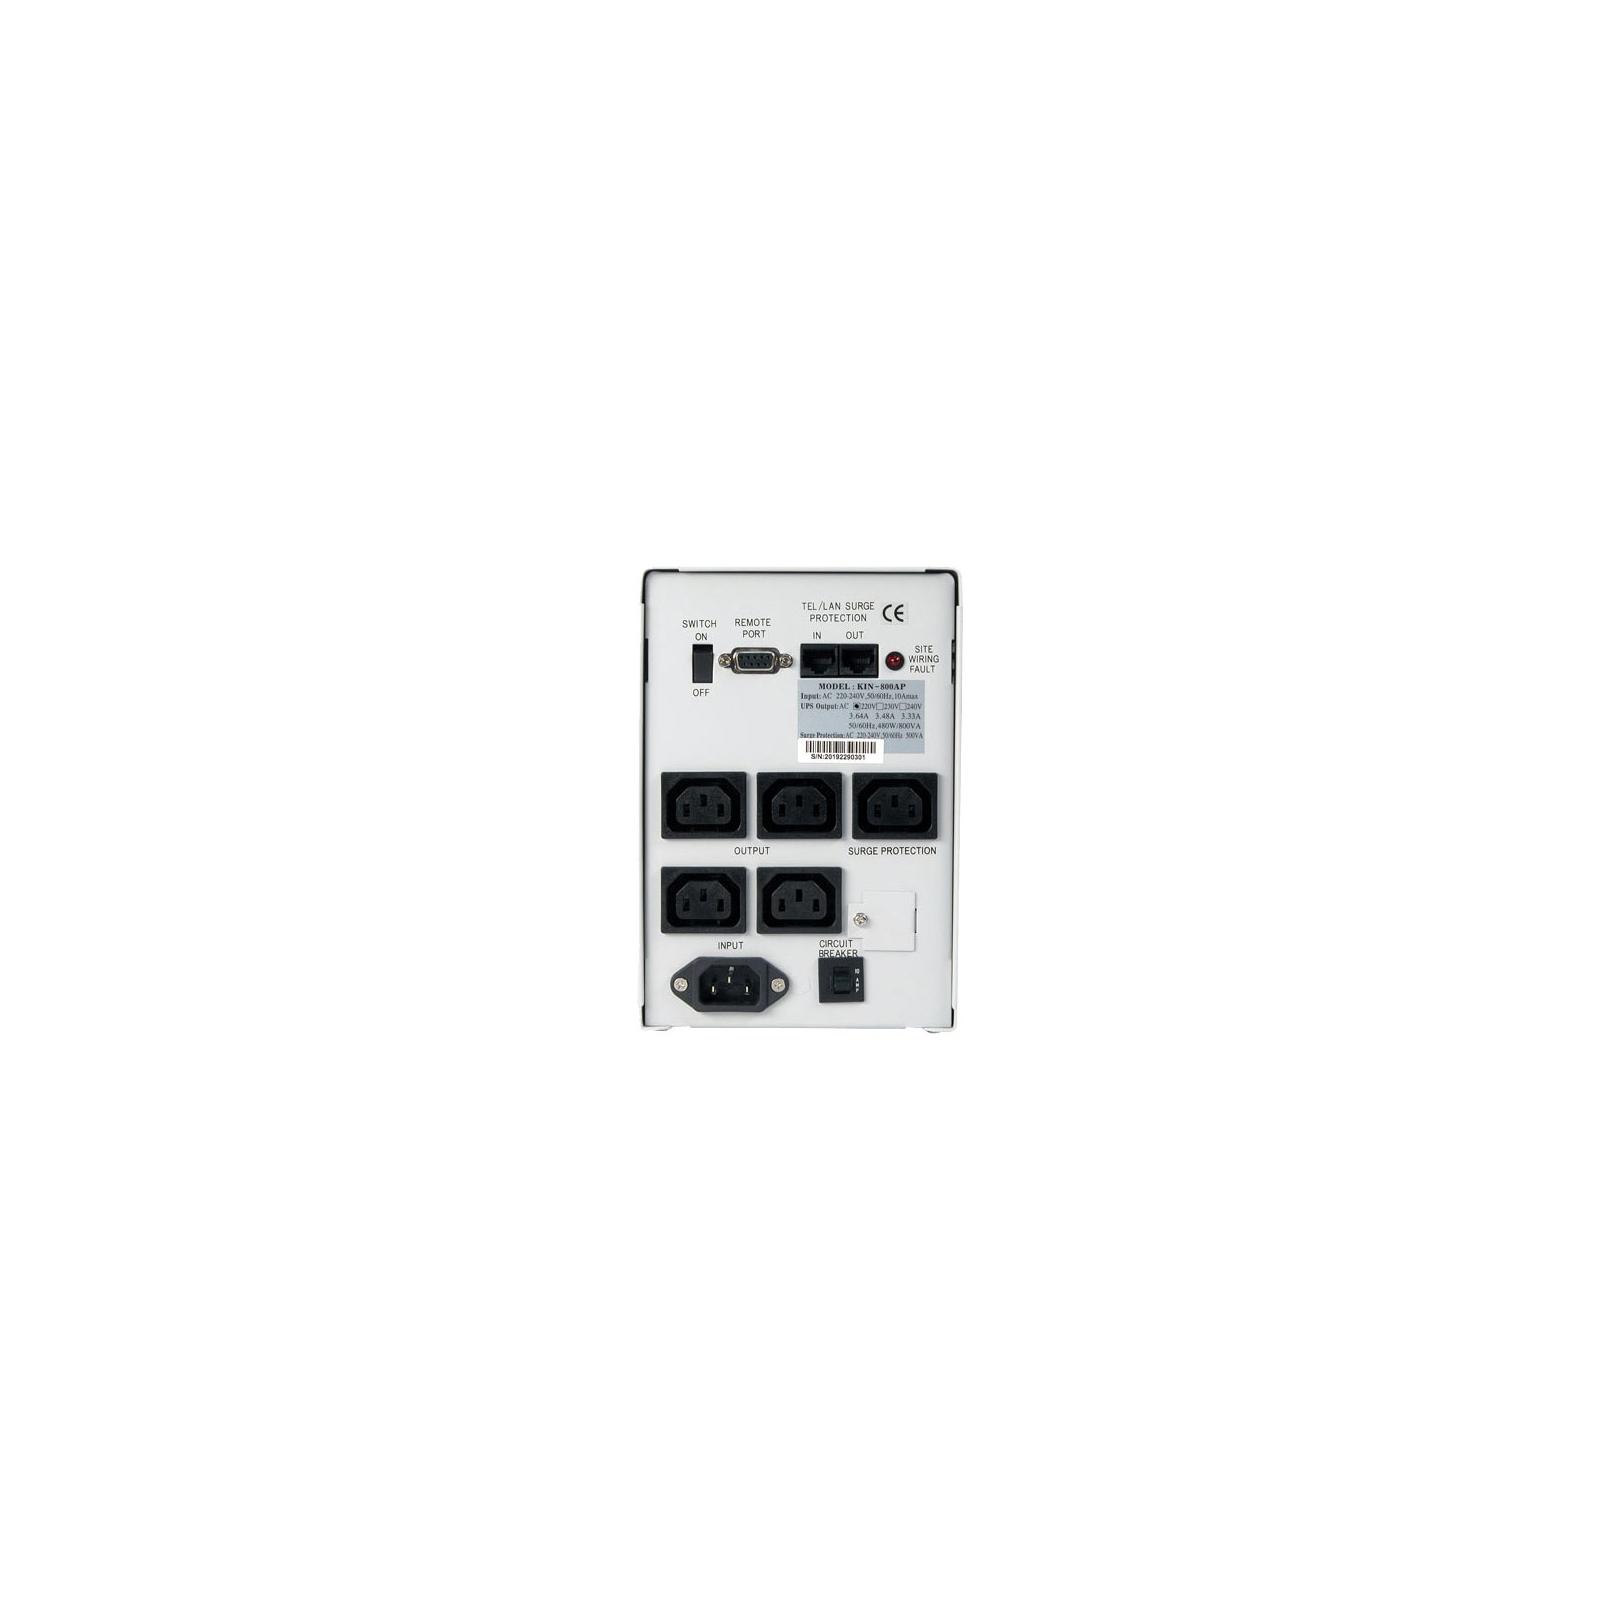 Источник бесперебойного питания KIN-3000 AP Powercom изображение 2